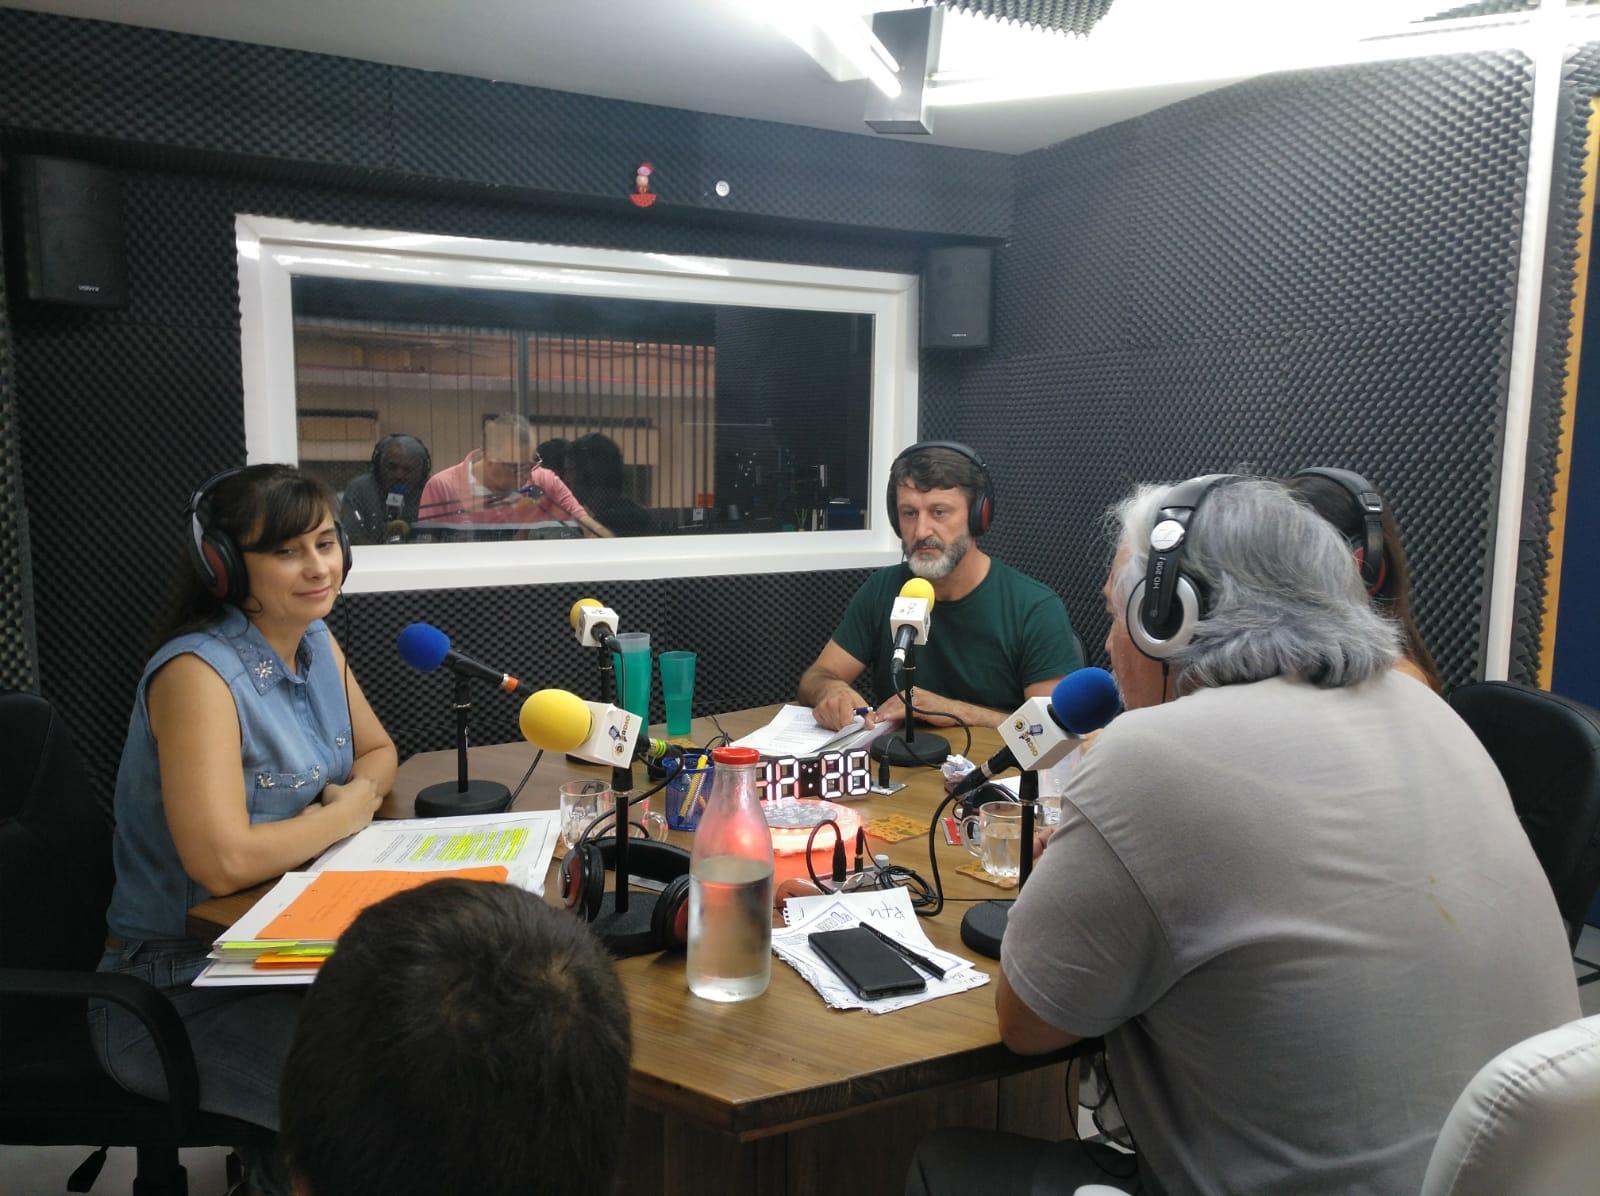 Tercer programa de la 3ª temporada de ¡Qué tal!¿Cómo estamos? Con Inés Fontiveros y Álex Castellanos.